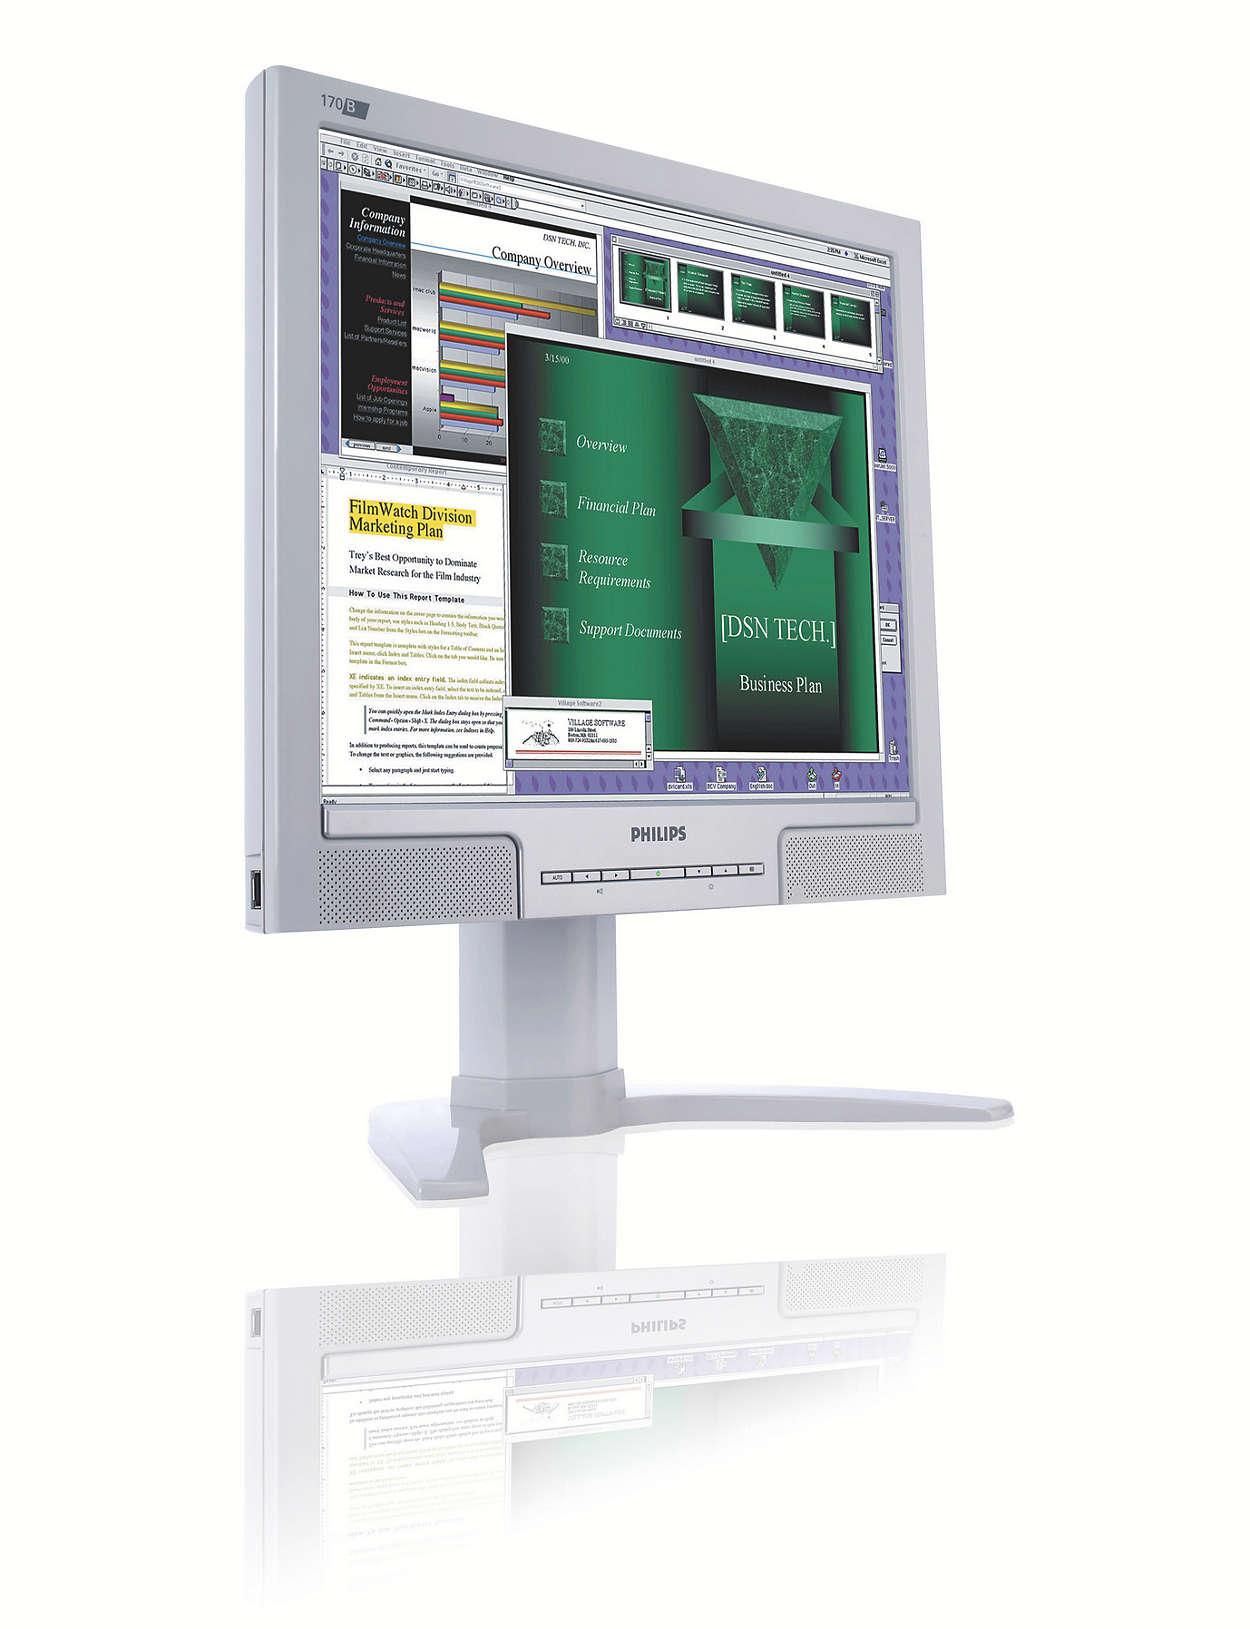 Extreem handig beeldscherm voor zakelijke gebruikers